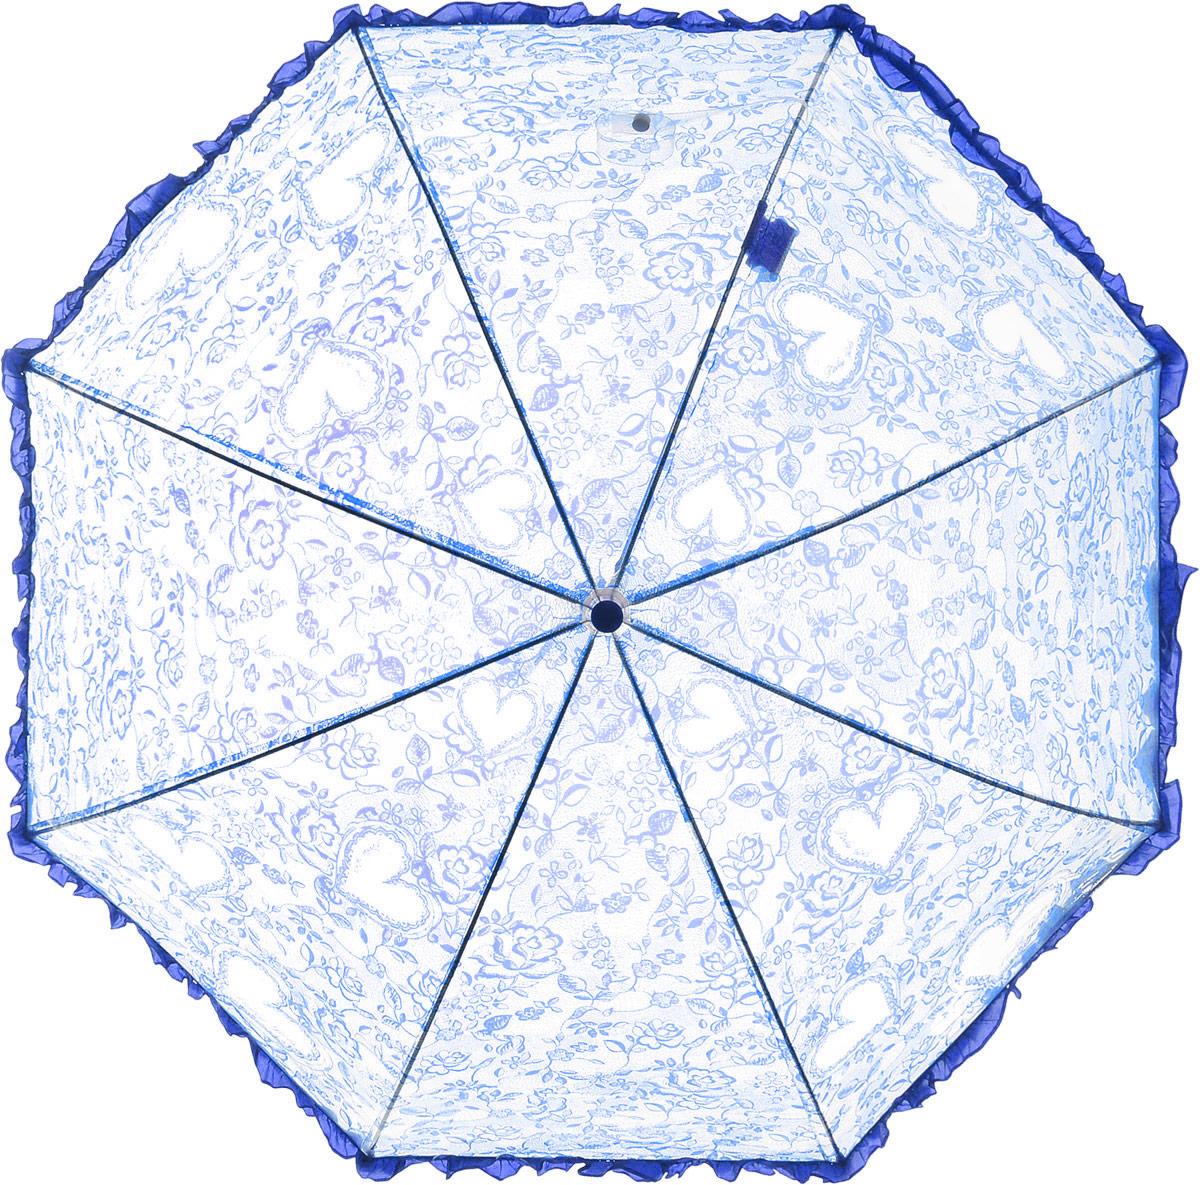 Зонт детский Airton, механический, трость, цвет: прозрачный, синий. 1651-05Колье (короткие одноярусные бусы)Замечательный прозрачный зонтик Airton для юной модницы с рисунком сердечки. Механизм зонта - полуавтомат. Купол зонта изготовлен из прочного ПВХ. Практичная рукоятка закругленной формы разработана с учетом требований эргономики и выполнена из качественного пластика с противоскользящей обработкой. Аксессуар сделан с соблюдением всех стандартов безопасности, острые концы заблокированы специальными клипсами, ручка в форме крюка позволит легко повесить зонт даже на собственную руку.